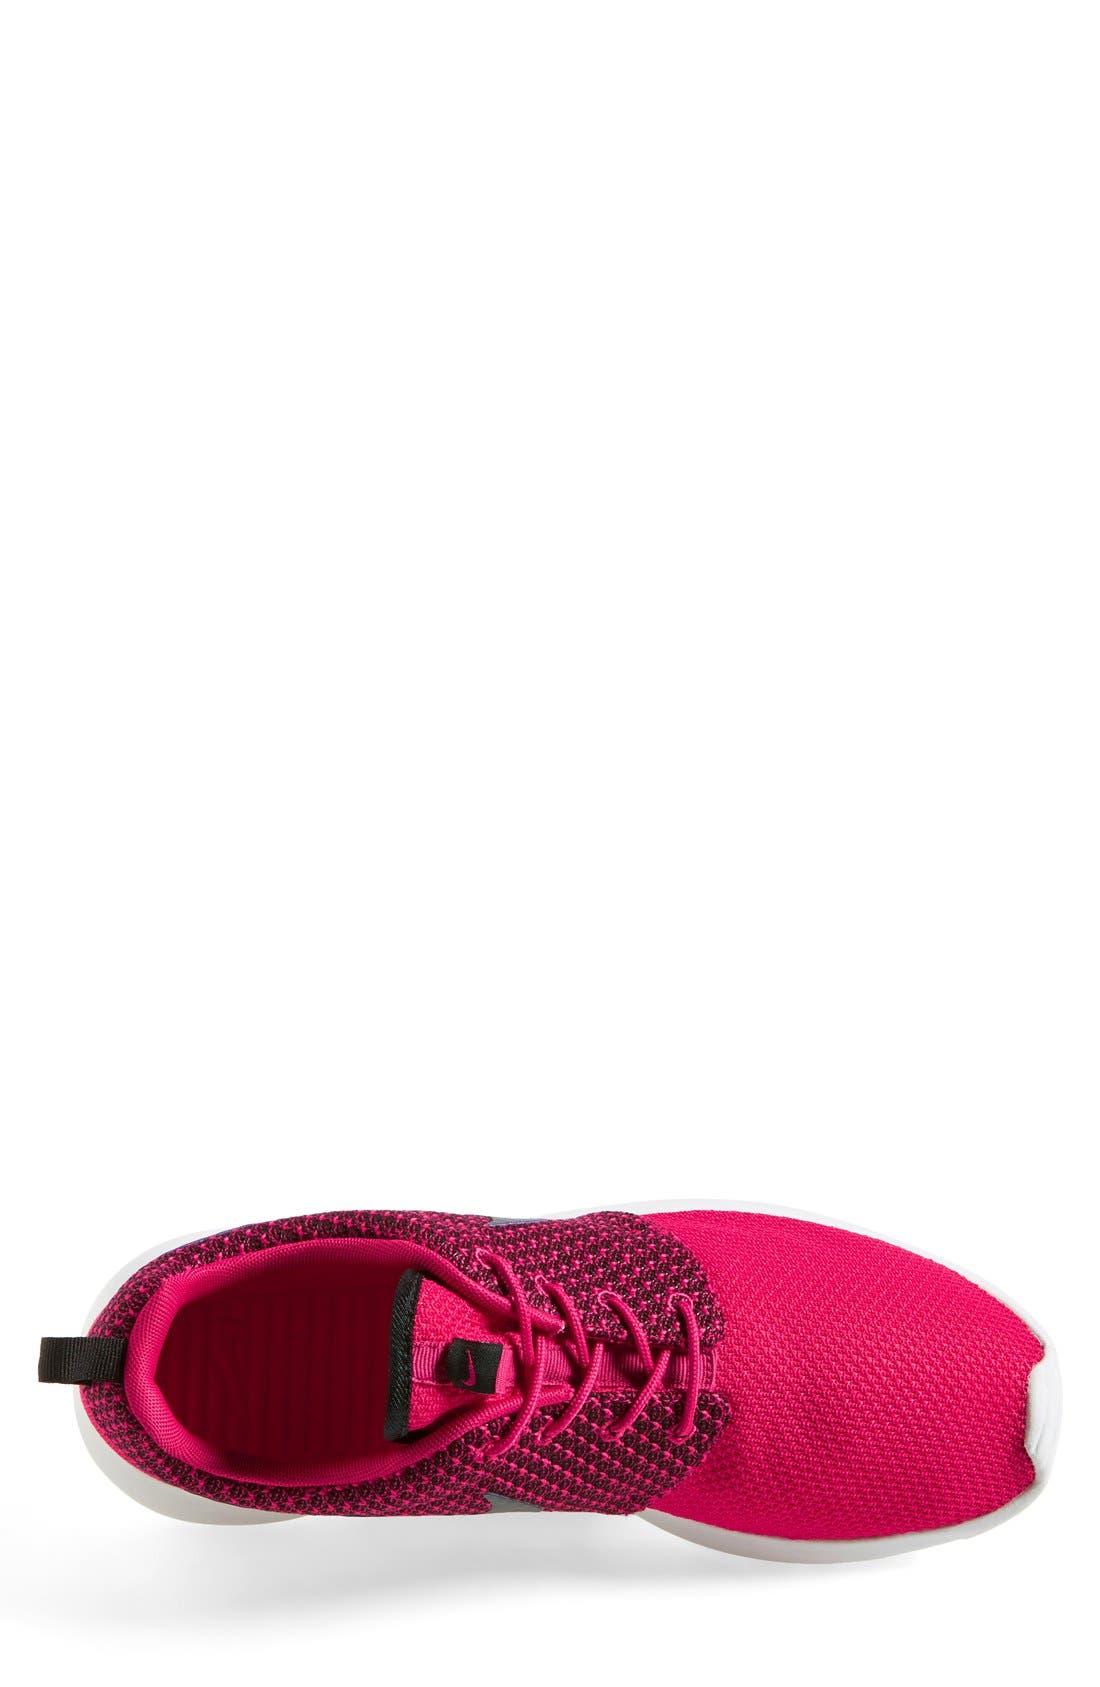 ,                             'Roshe Run' Sneaker,                             Alternate thumbnail 141, color,                             640